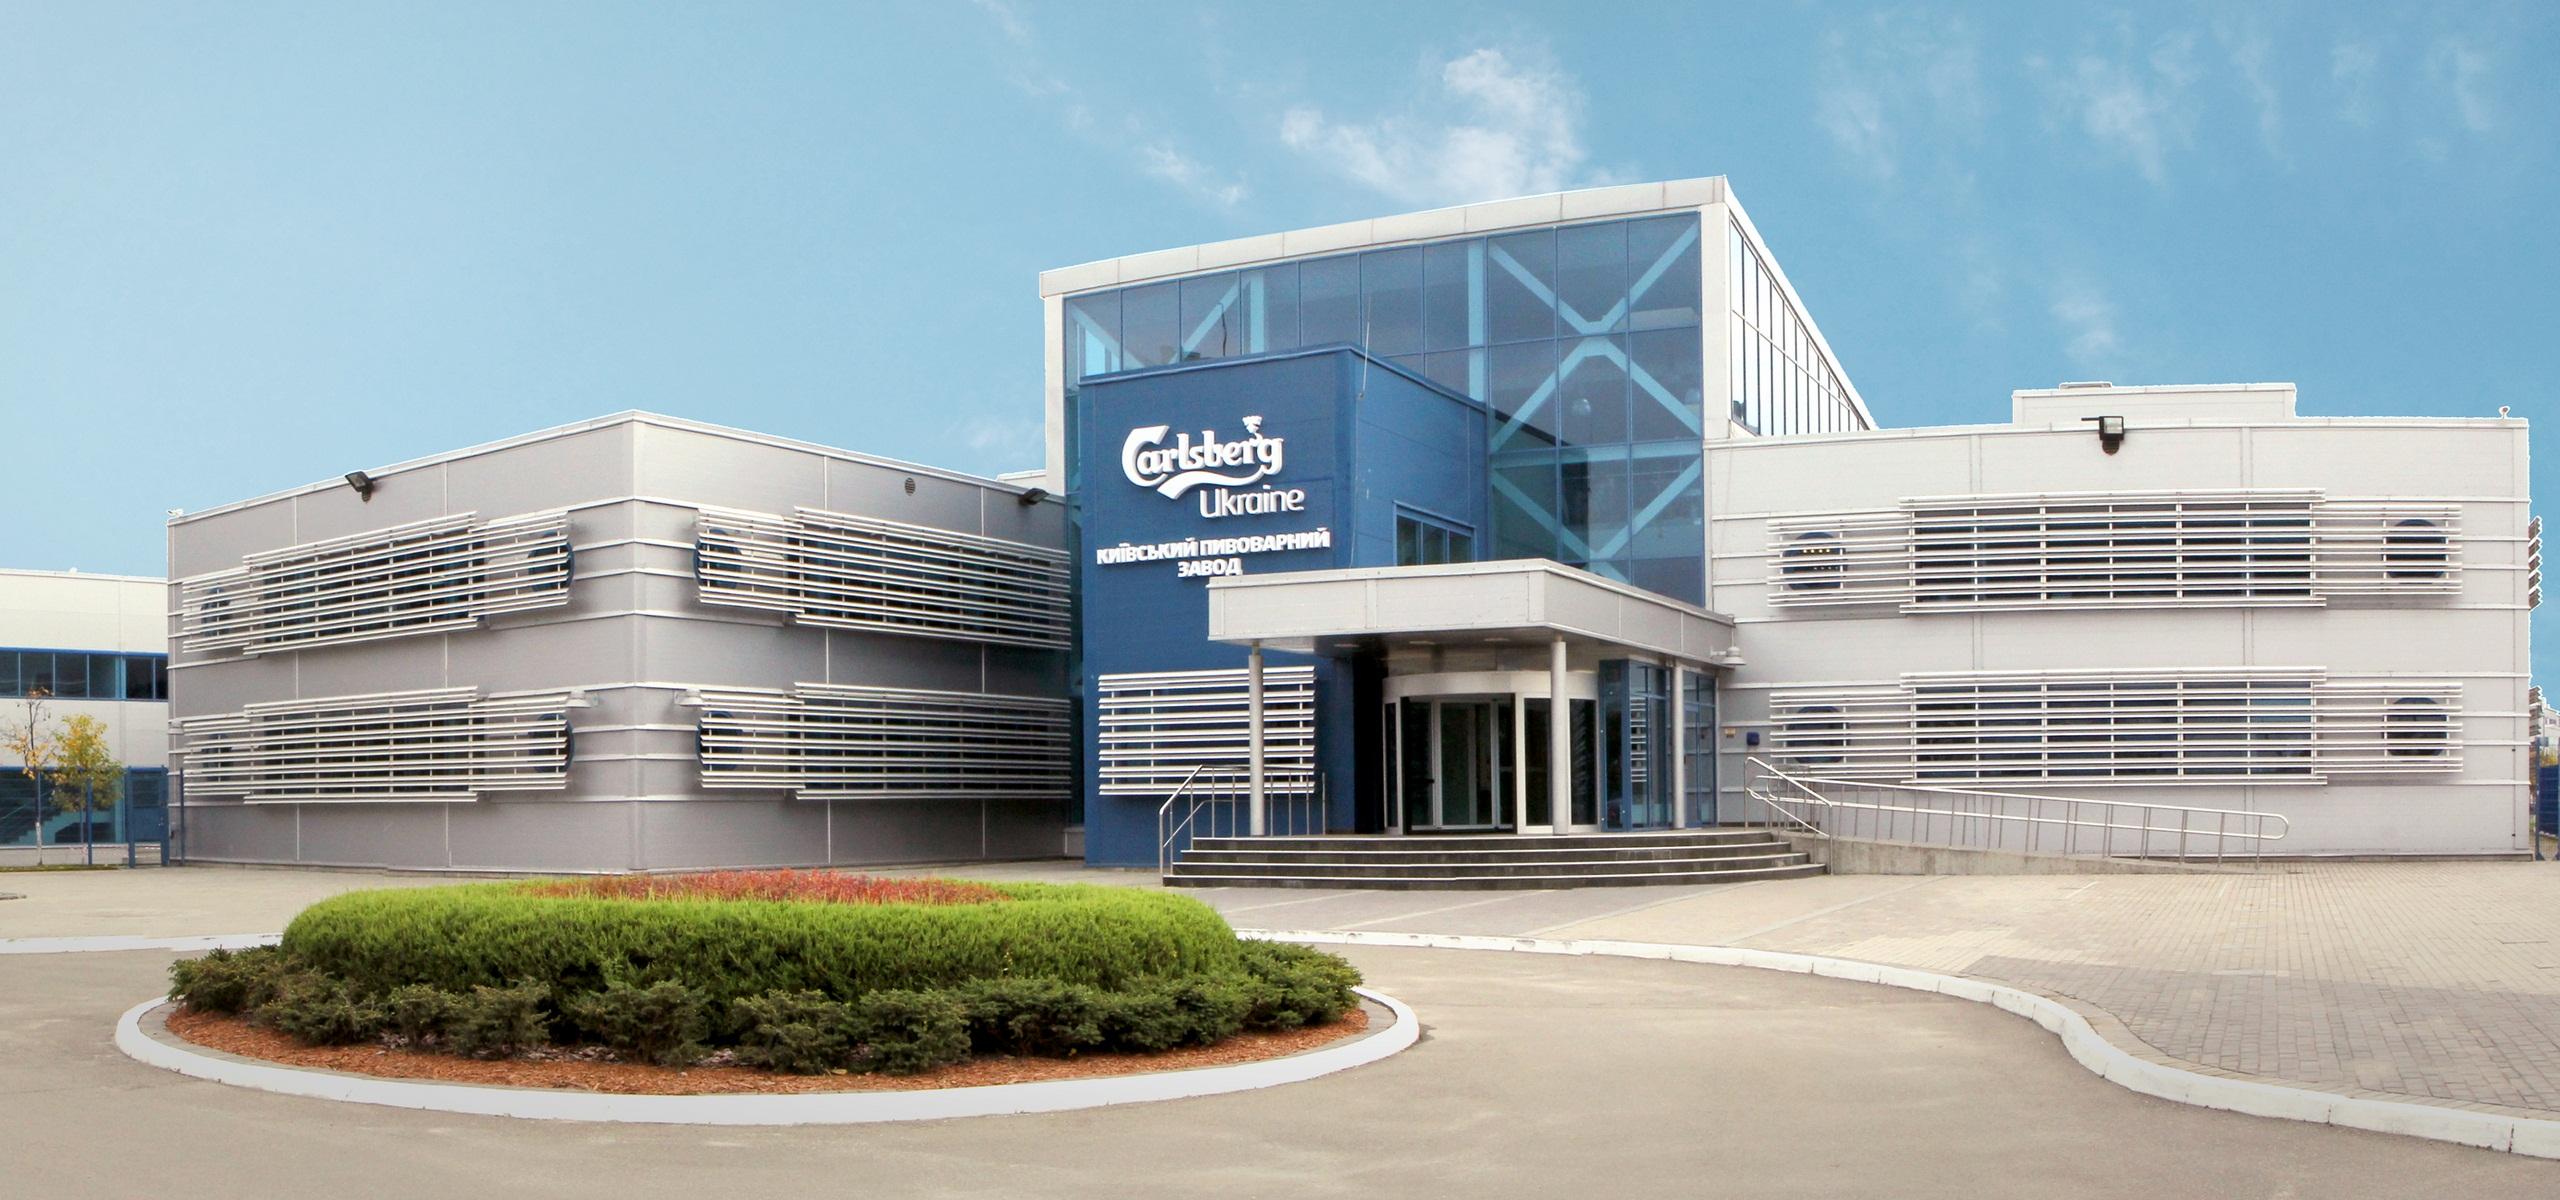 Фото: Более 2300 человек посетили экскурсии на предприятиях Carlsberg Ukraine в 2015 году.